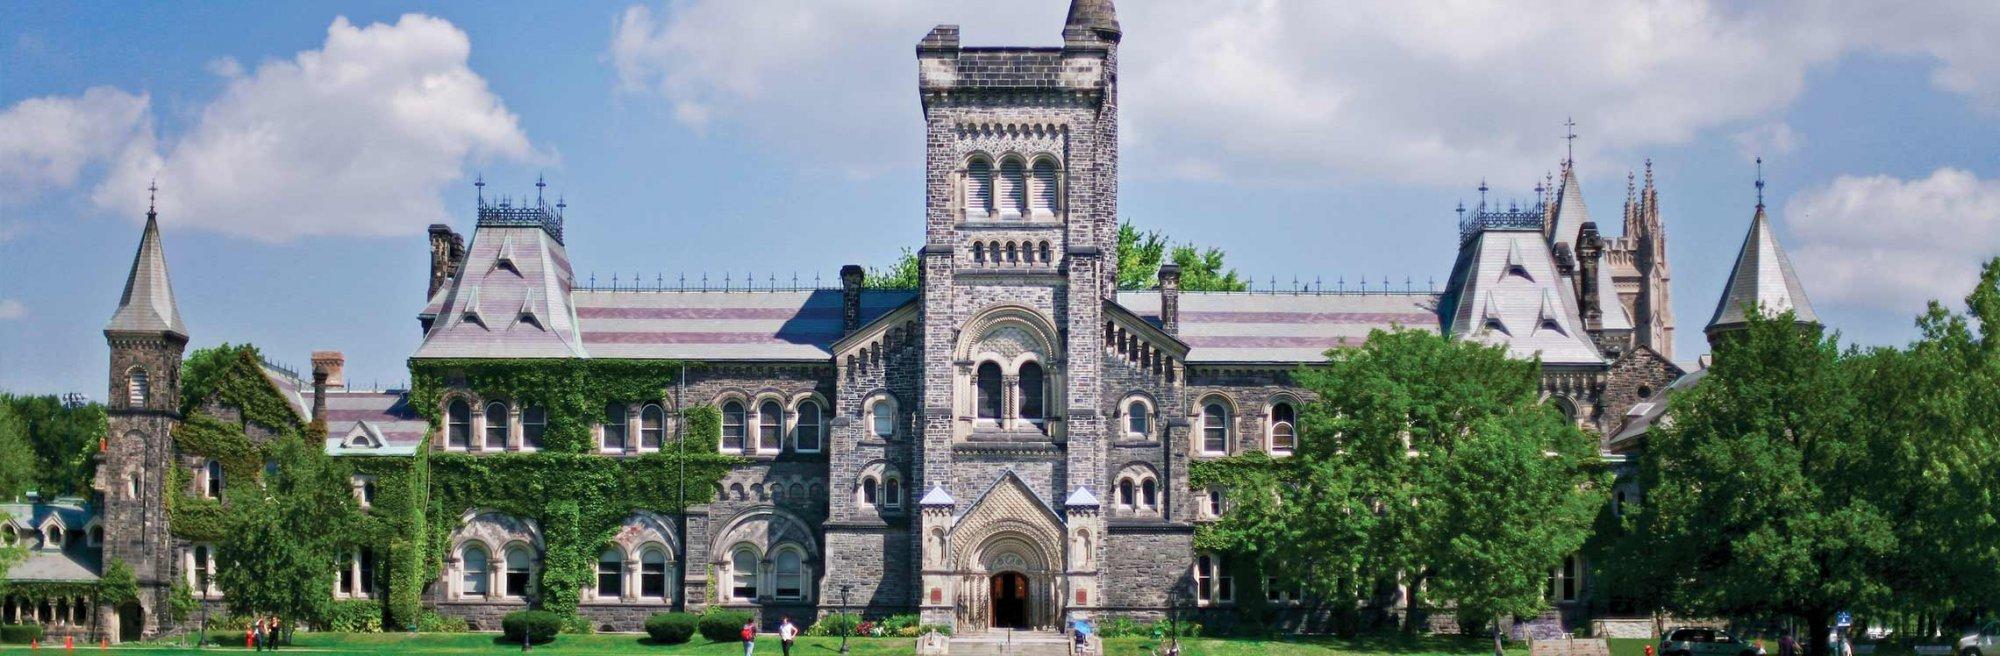 Du học Canada - Lựa chọn đầu tư cho tương lai